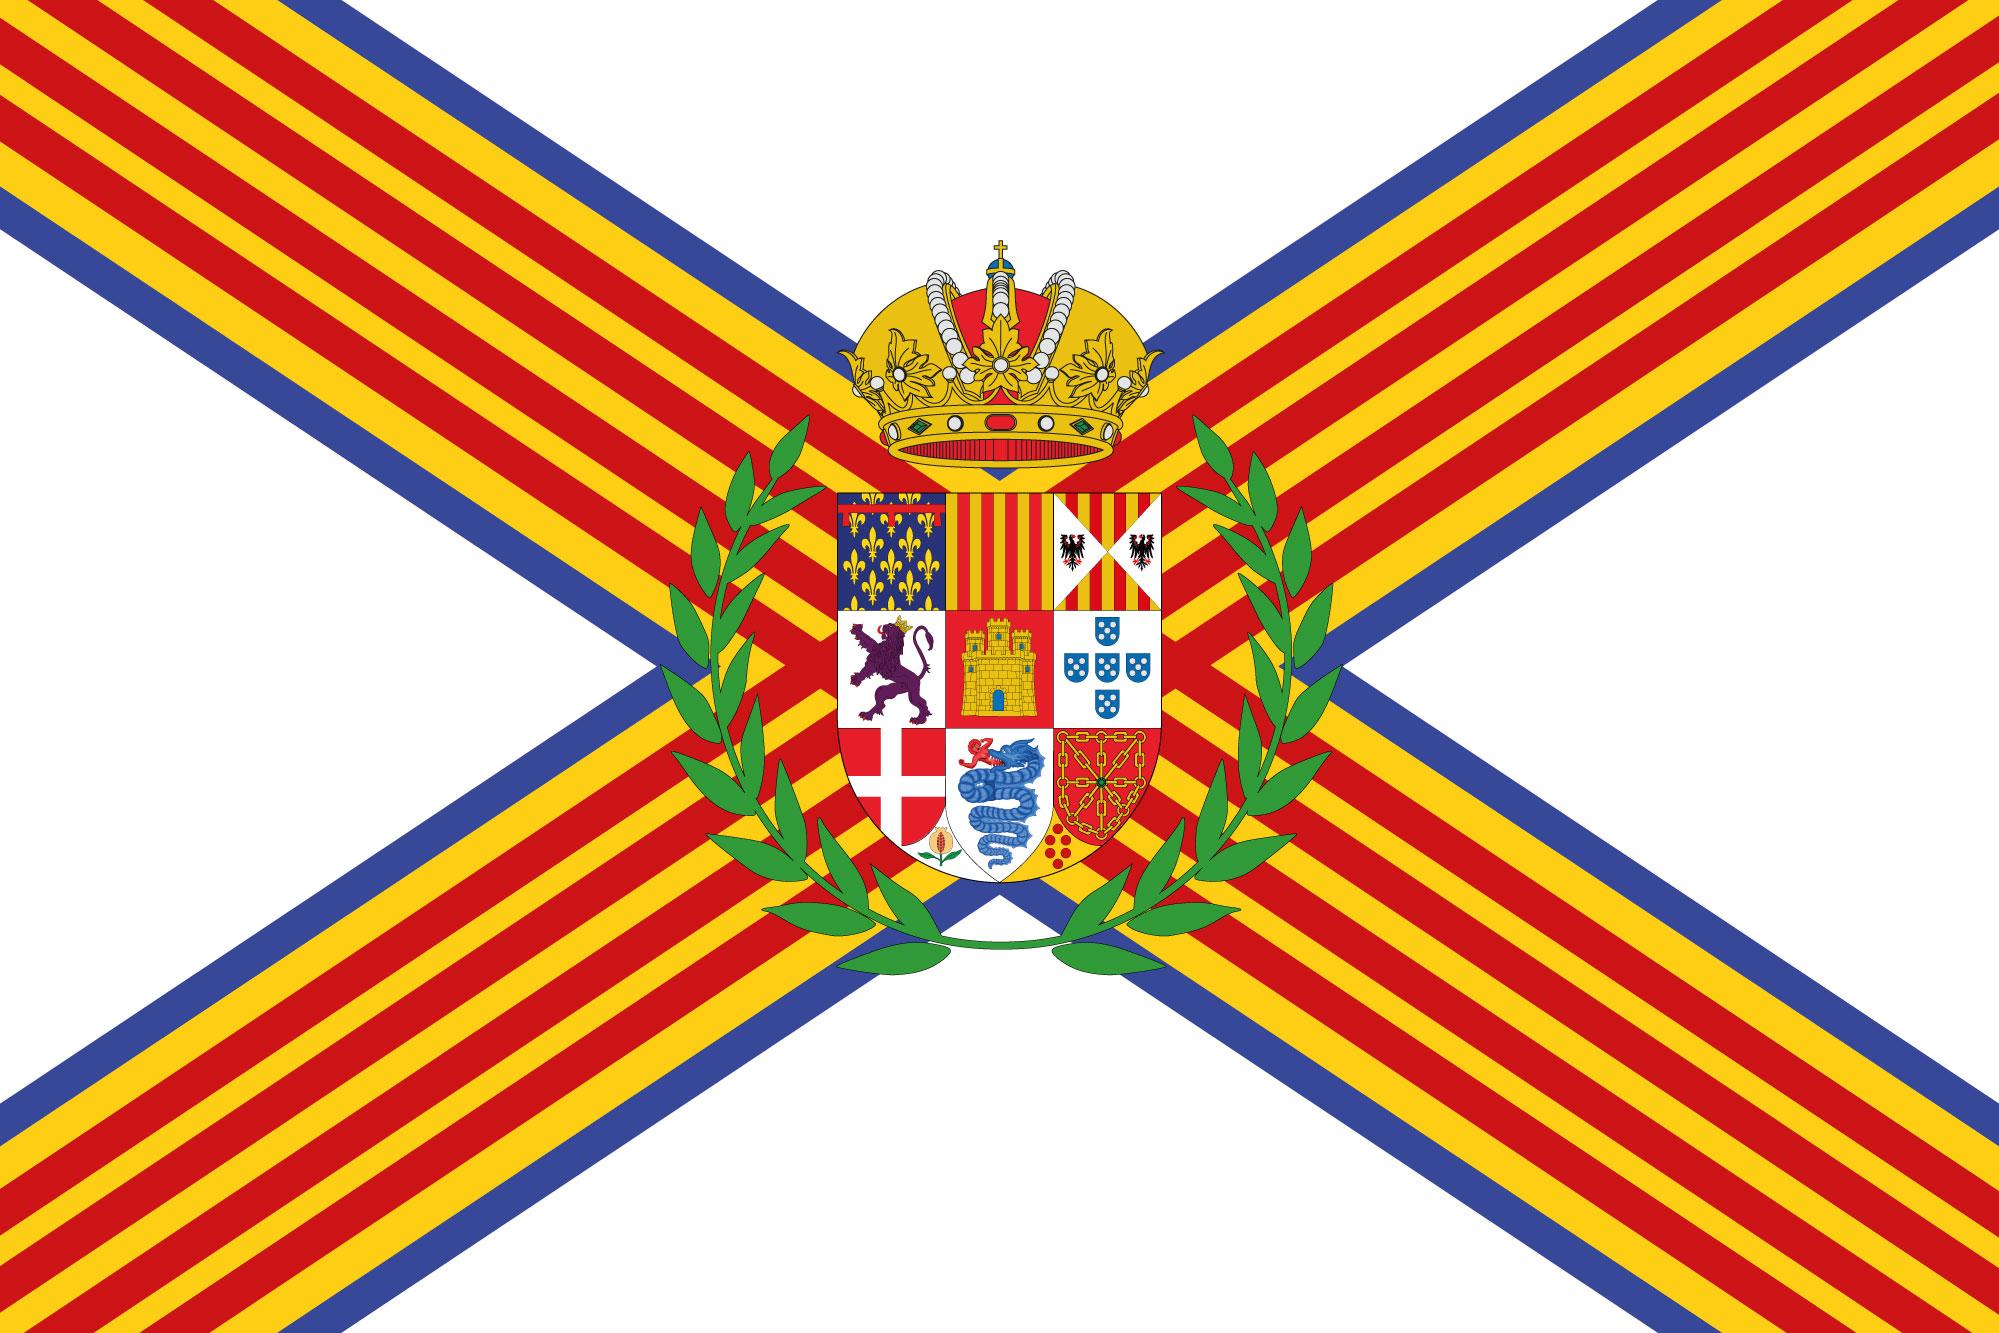 Mediterranean Kingdom flag by SalesWorlds